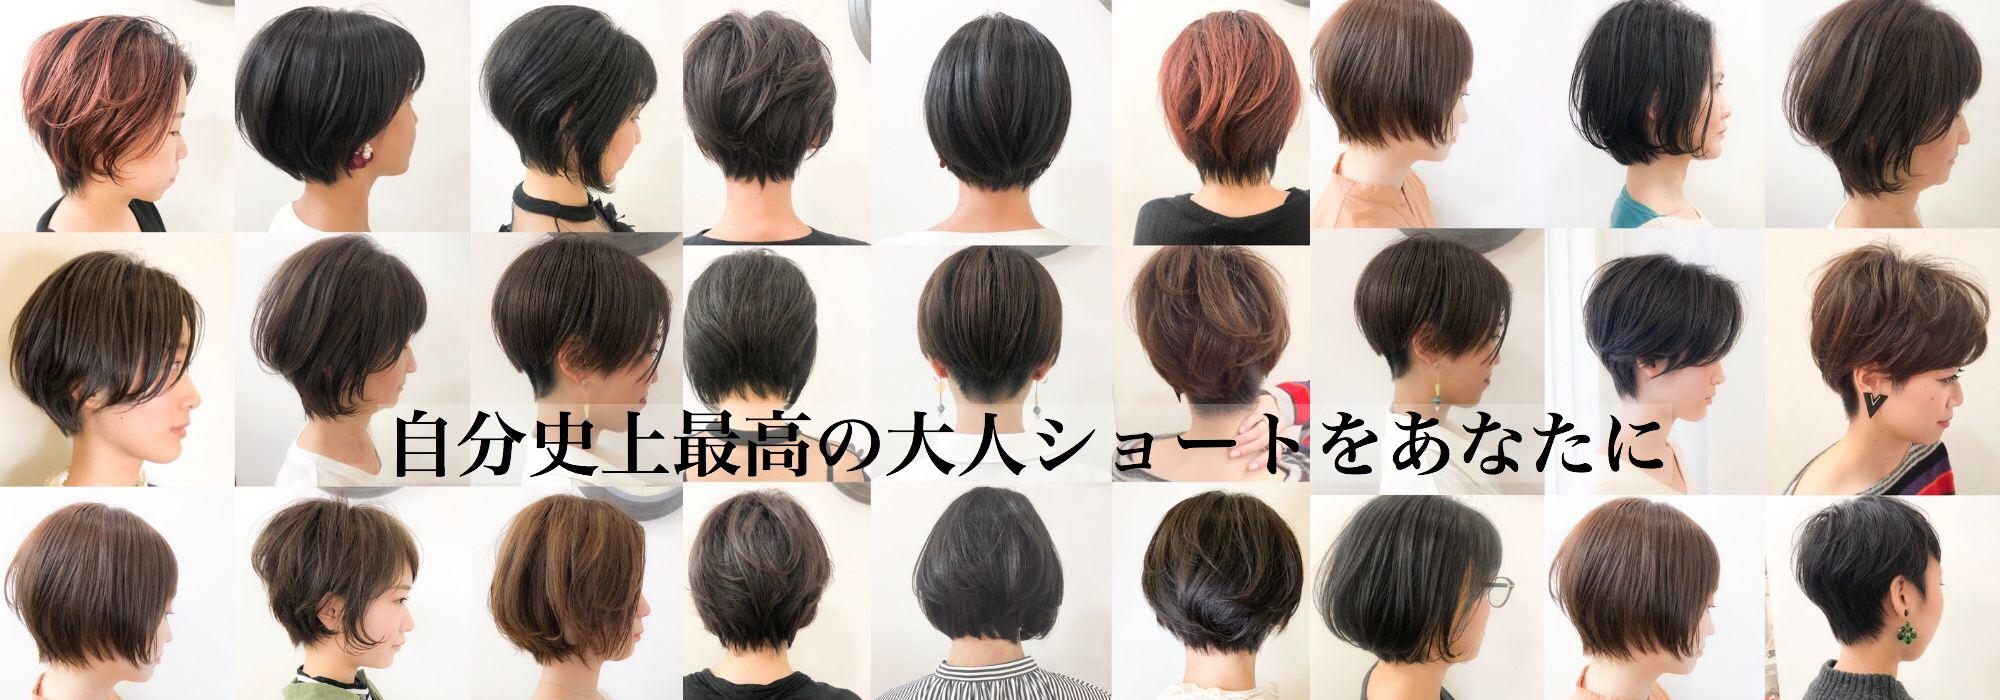 京都ショートヘア 専門家(美容師)平松賢則